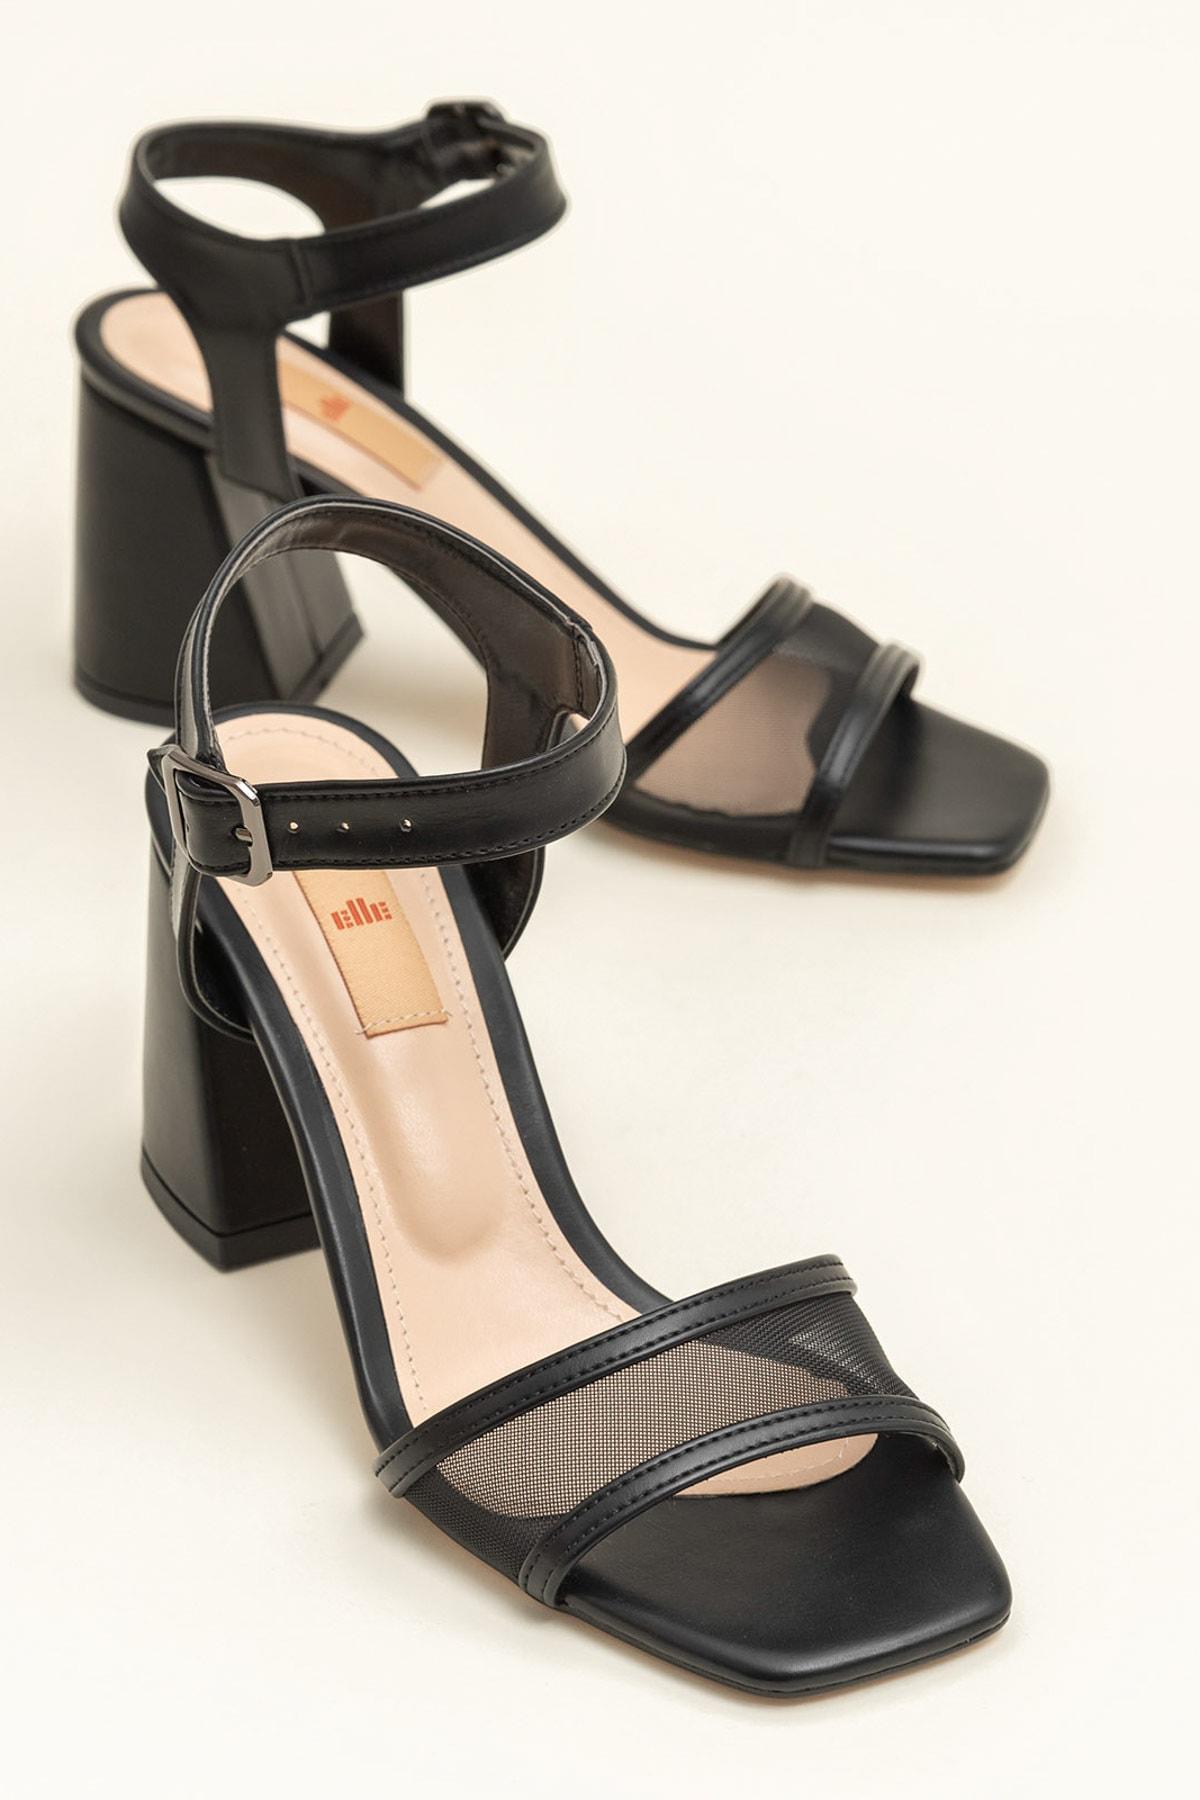 Elle Shoes KINE Siyah Kadın  20YBU6298-512 1